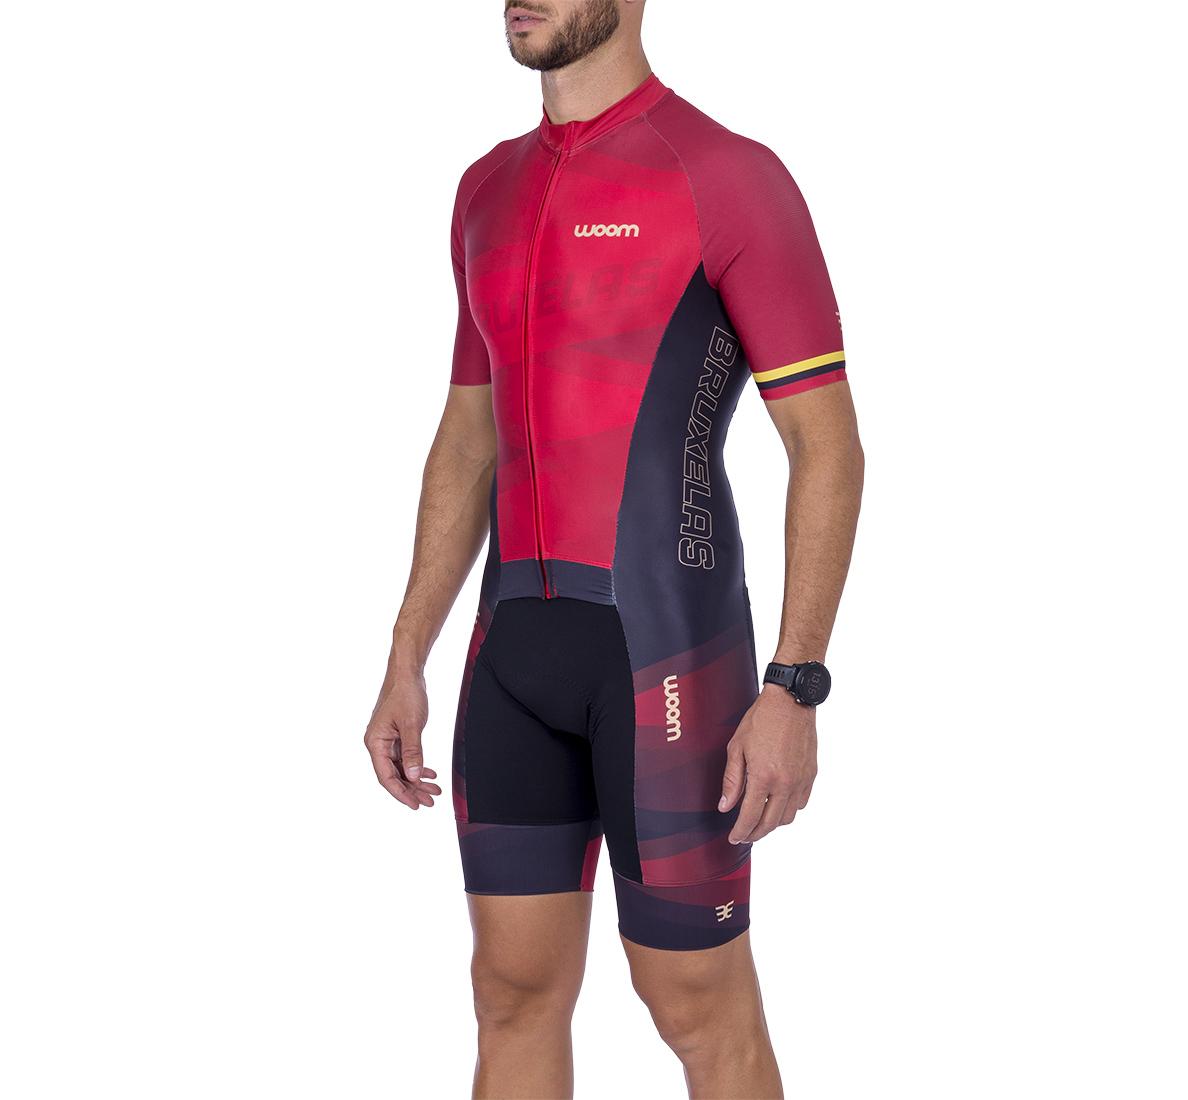 Macaquinho Ciclismo Supreme Bruxelas Masc - 2021